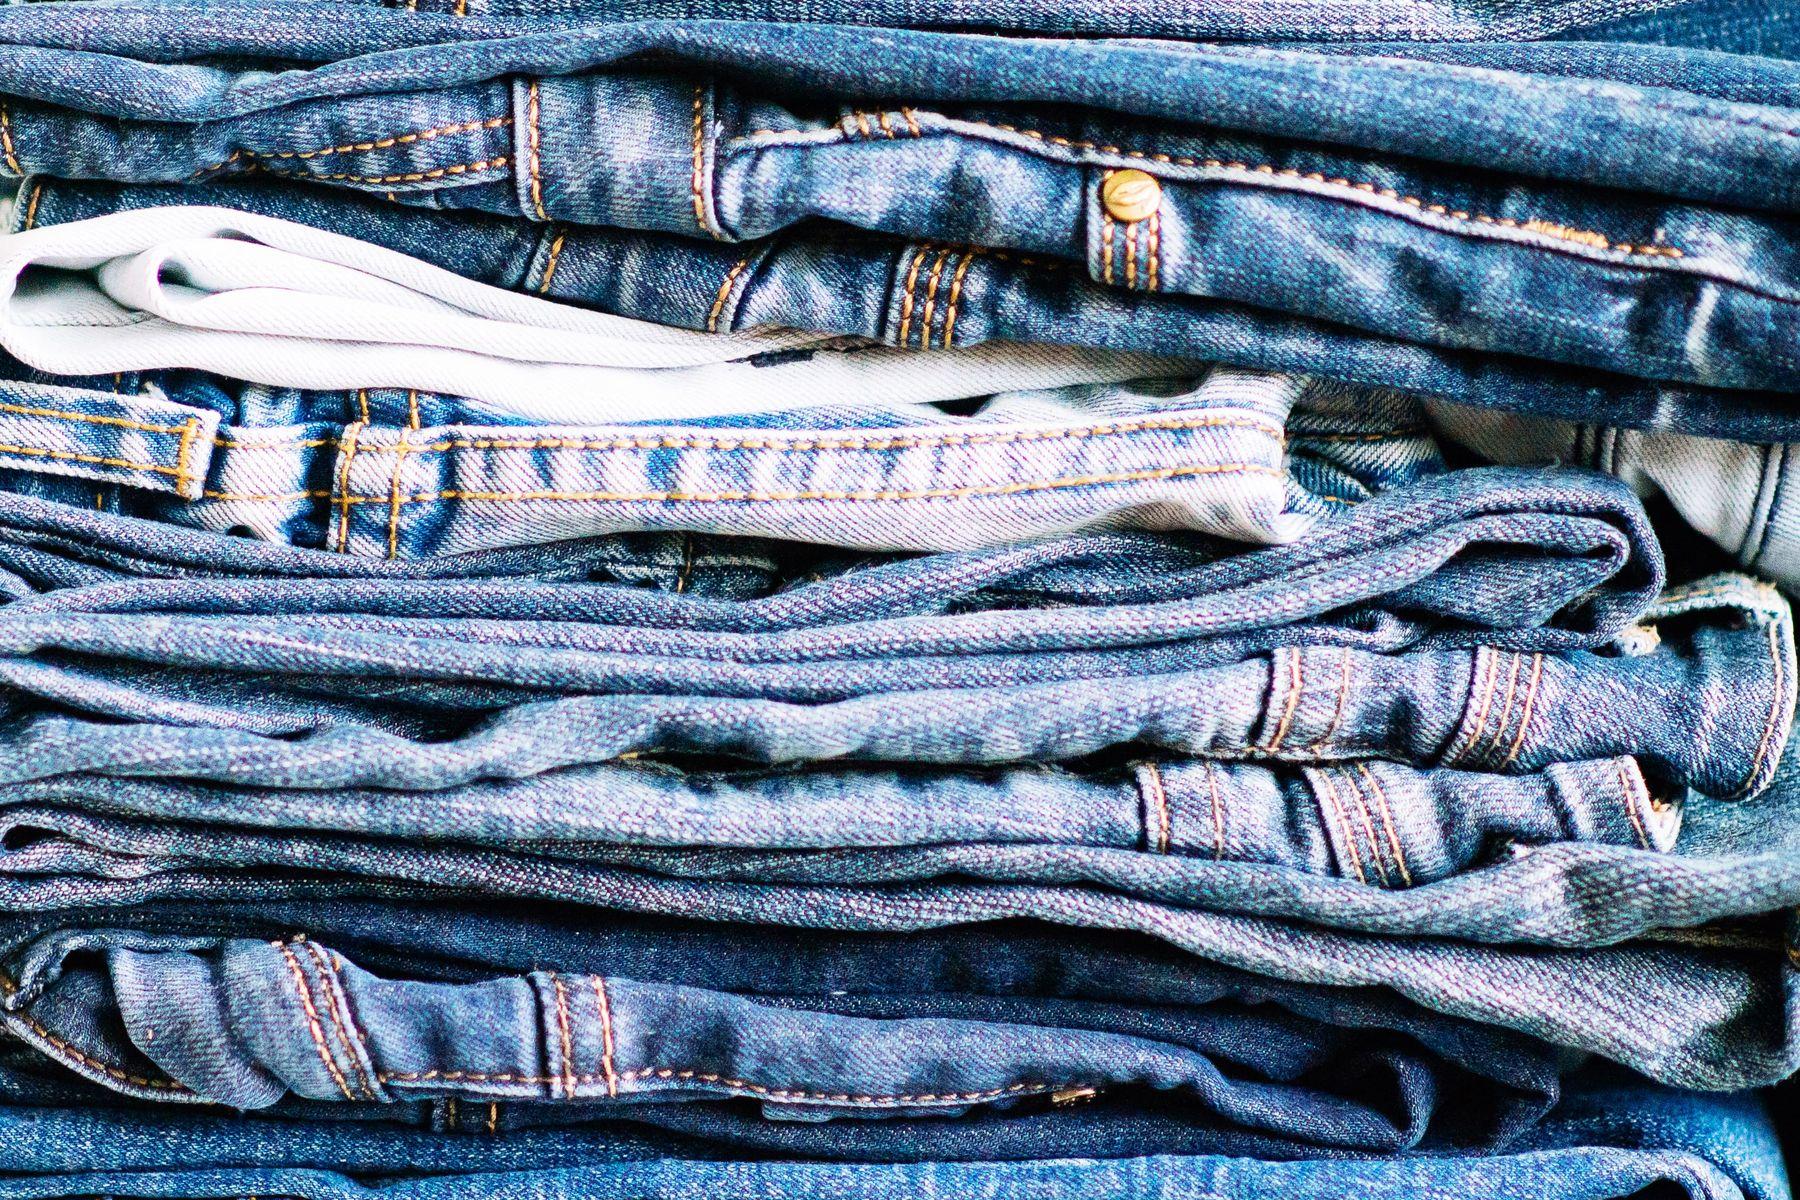 Hướng dẫn cách bảo quản quần jean mới mua để quần luôn 'chất ngầu'